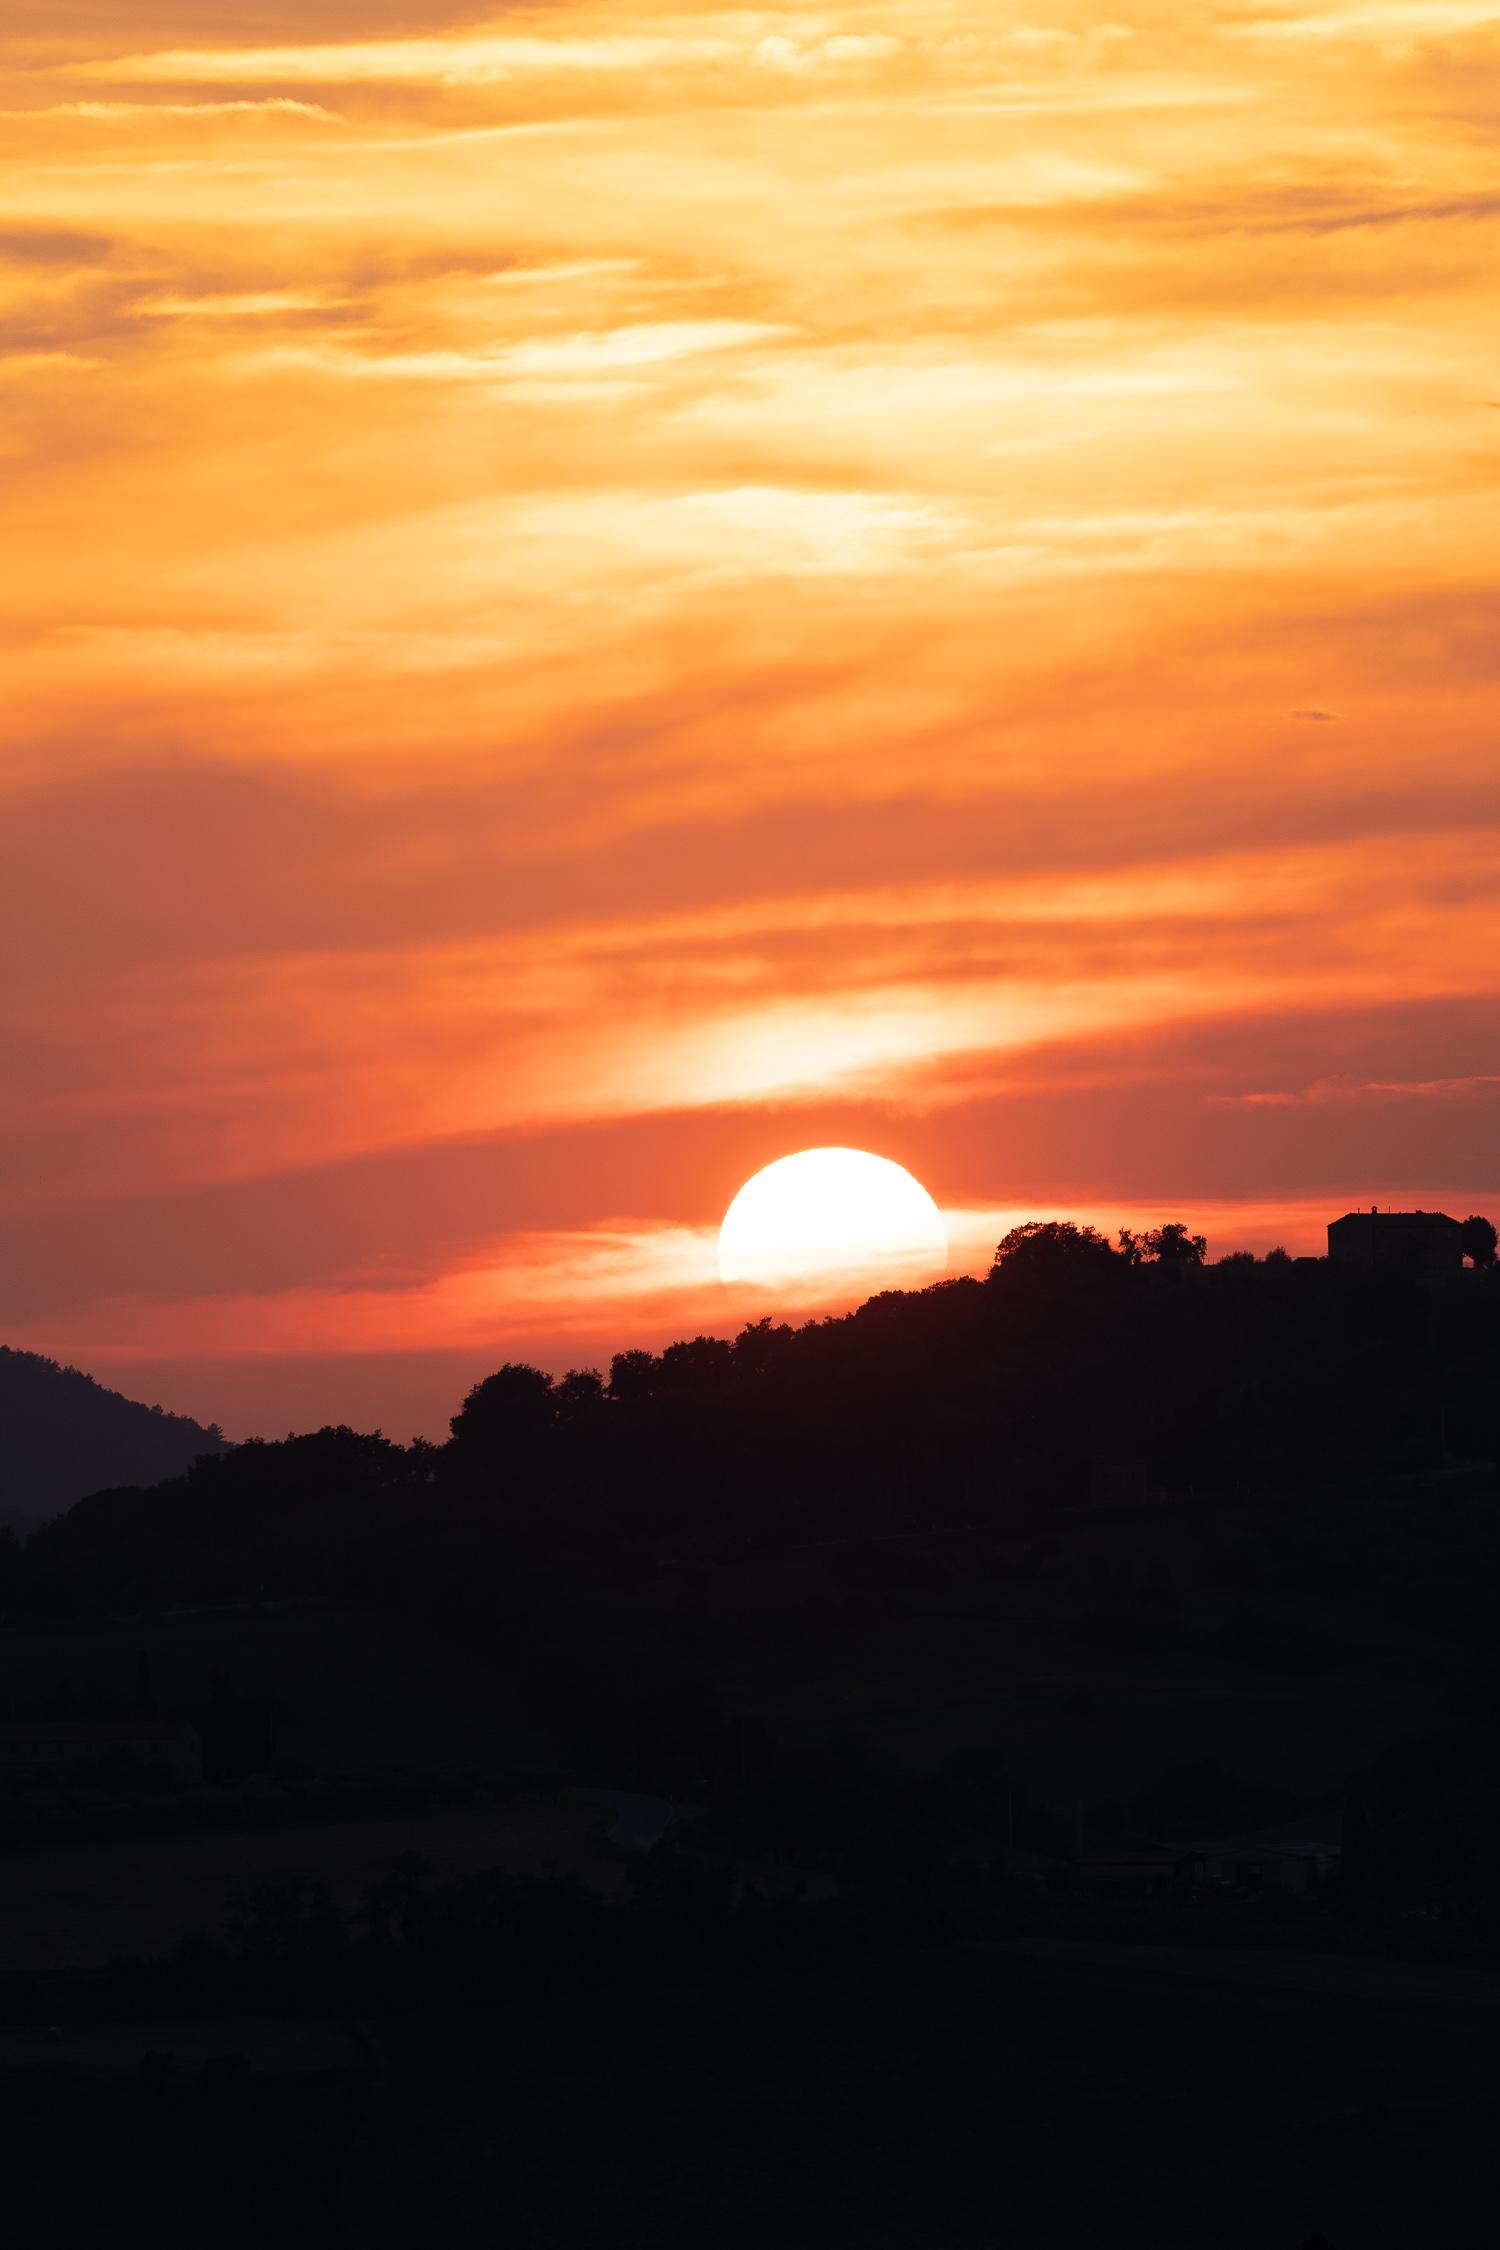 Tuscany-sunset-01903.jpg